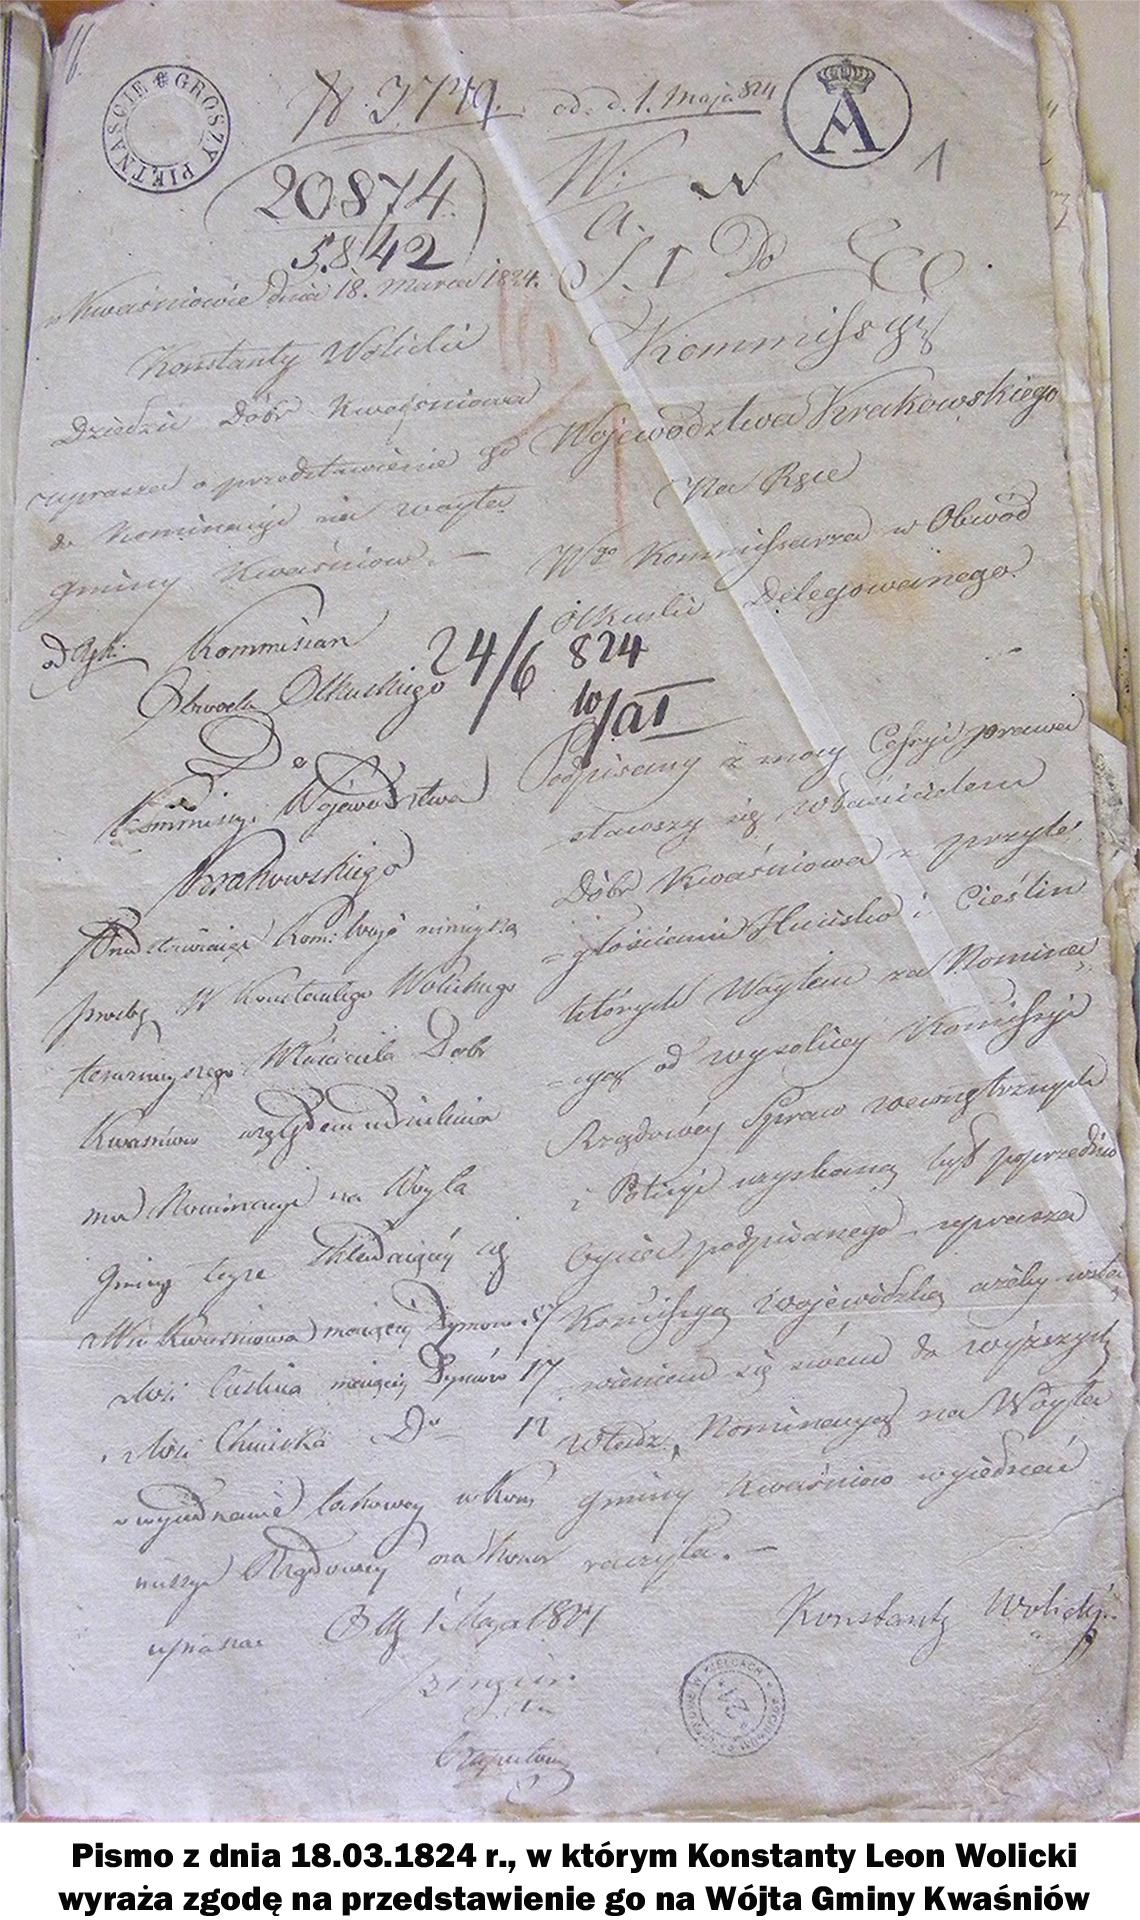 Pismo z dnia 18.03.1824 r., w którym Konstanty Leon Wolicki wyraża zgodę na przedstawienie go na Wójta Gminy Kwaśniów.